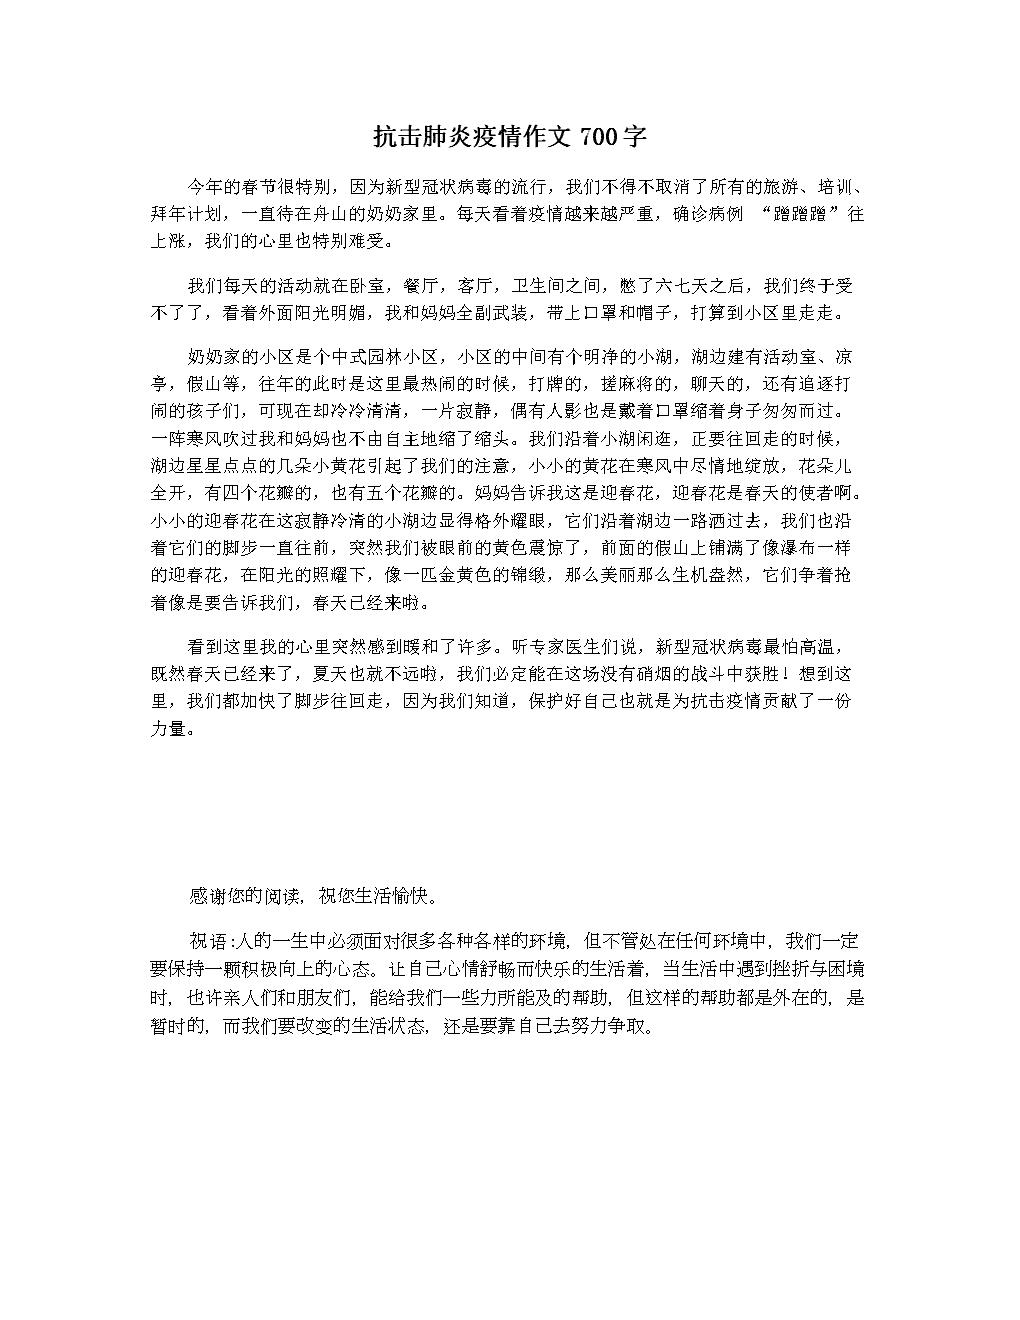 抗击肺炎疫情作文700字.docx